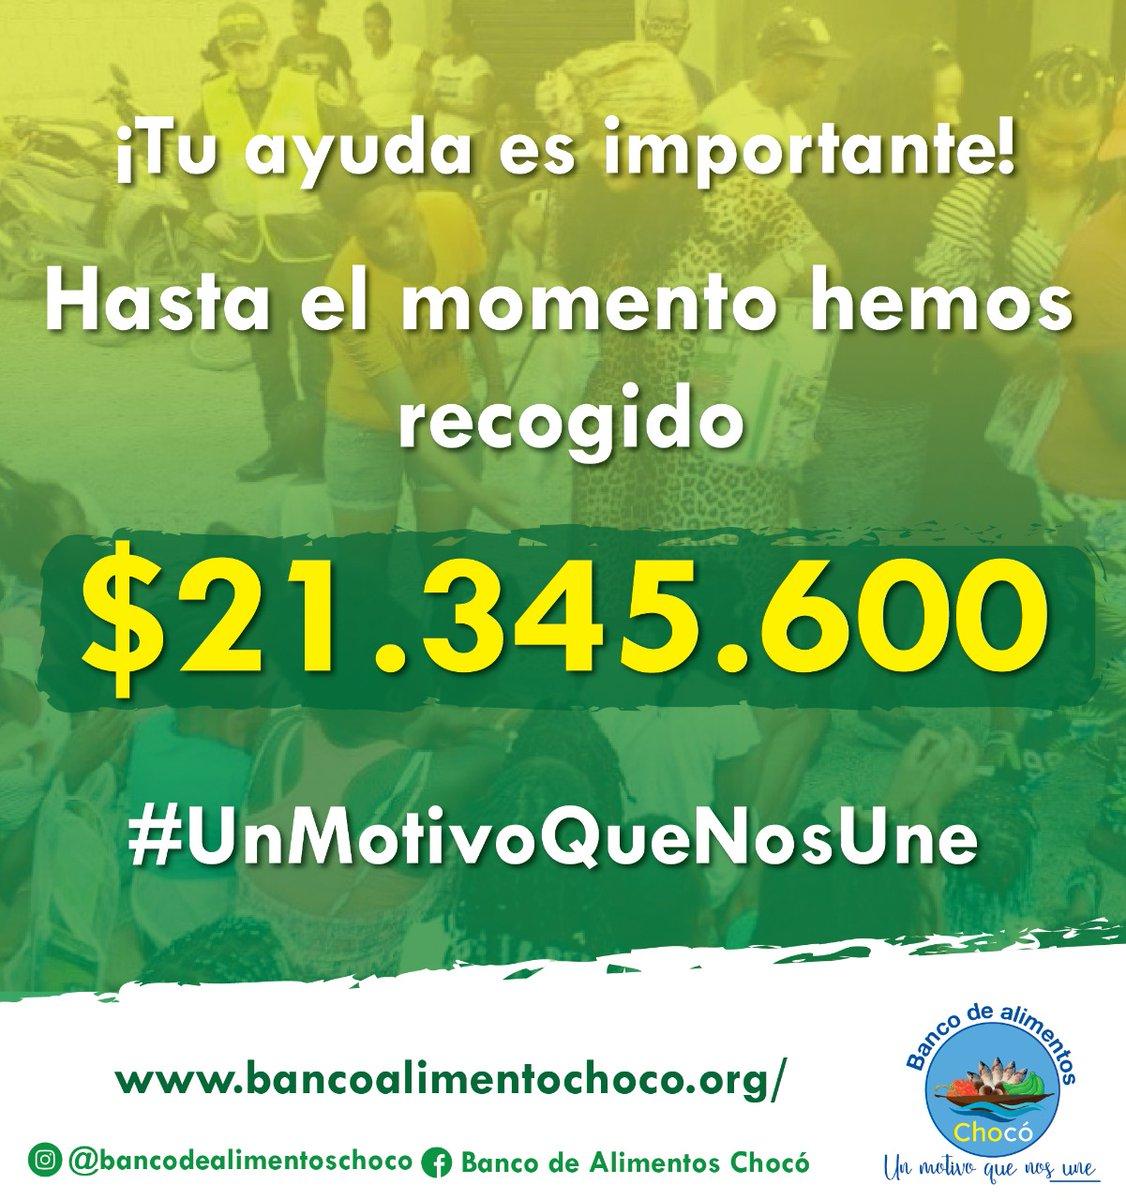 Estamos muy agradecidos con las personas y organizaciones que nos han ayudando con sus donaciones para damnificados de la ola invernal en el Chocó. Dios les pague 🙏🏾🙏🏾🙏🏾 #UnMotivoQueNosUne #soschocó #Fuerzachocó